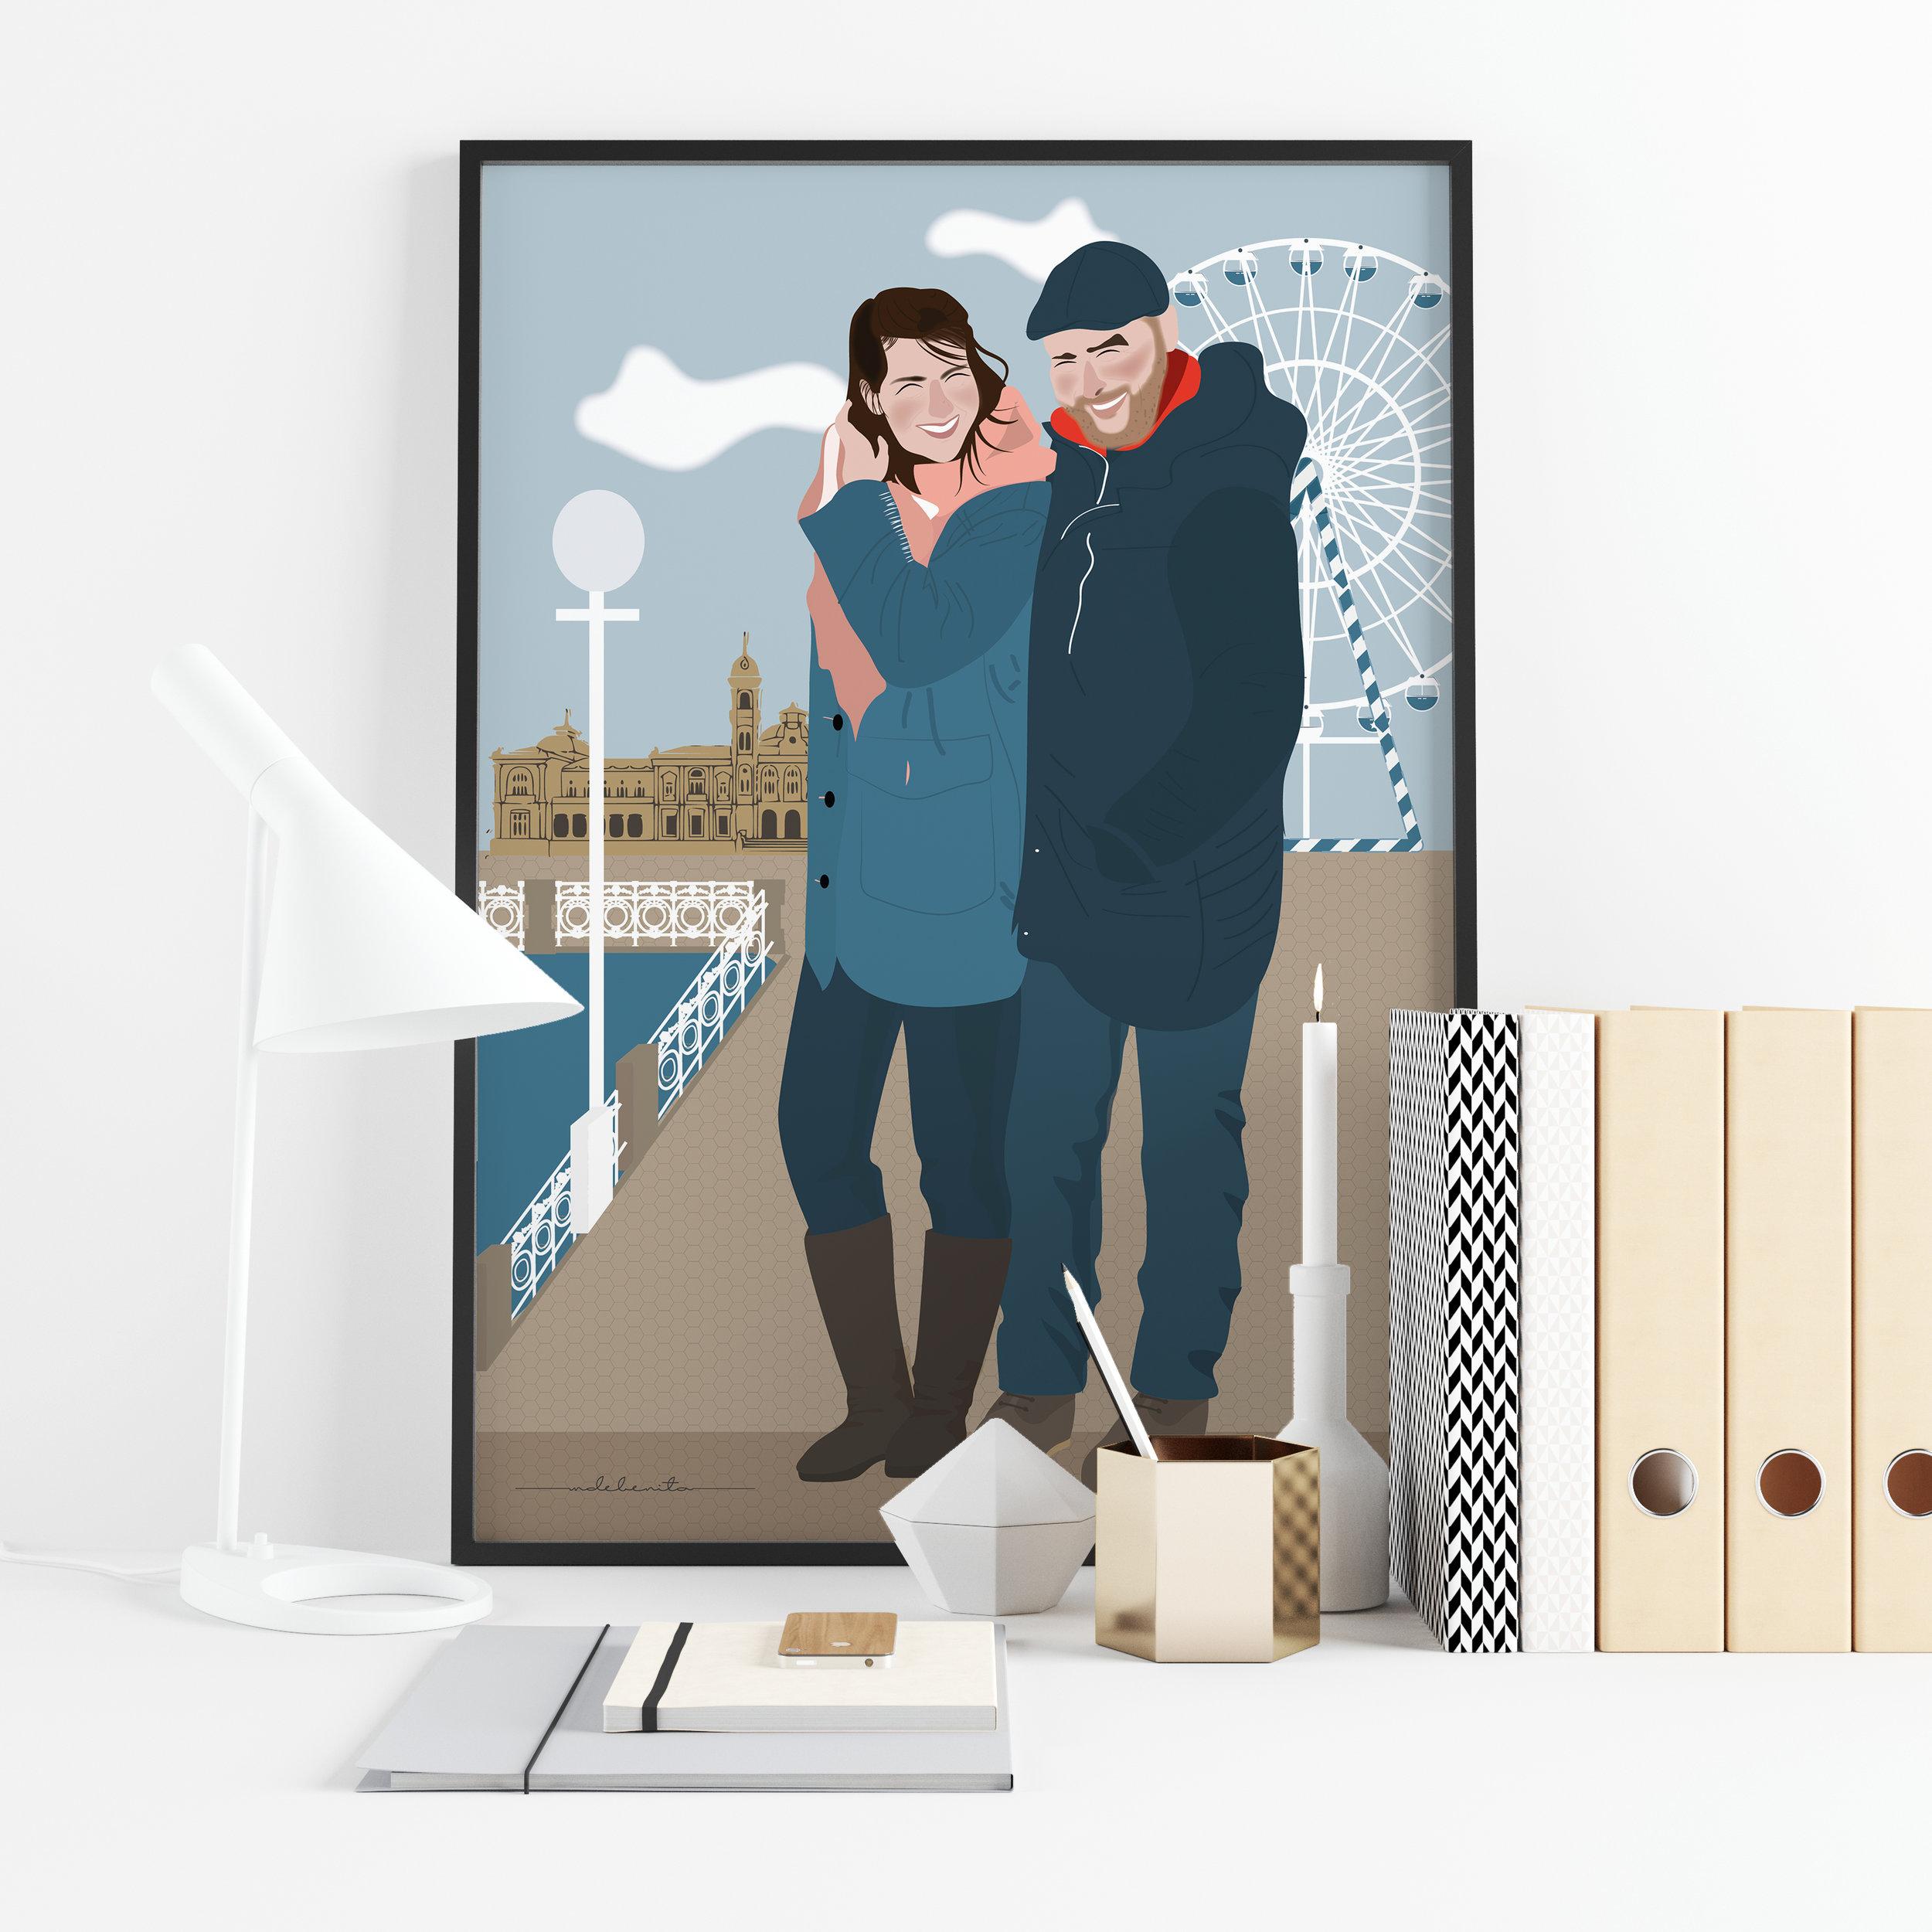 ilustracion-alba-pareja-sansebastian.jpg